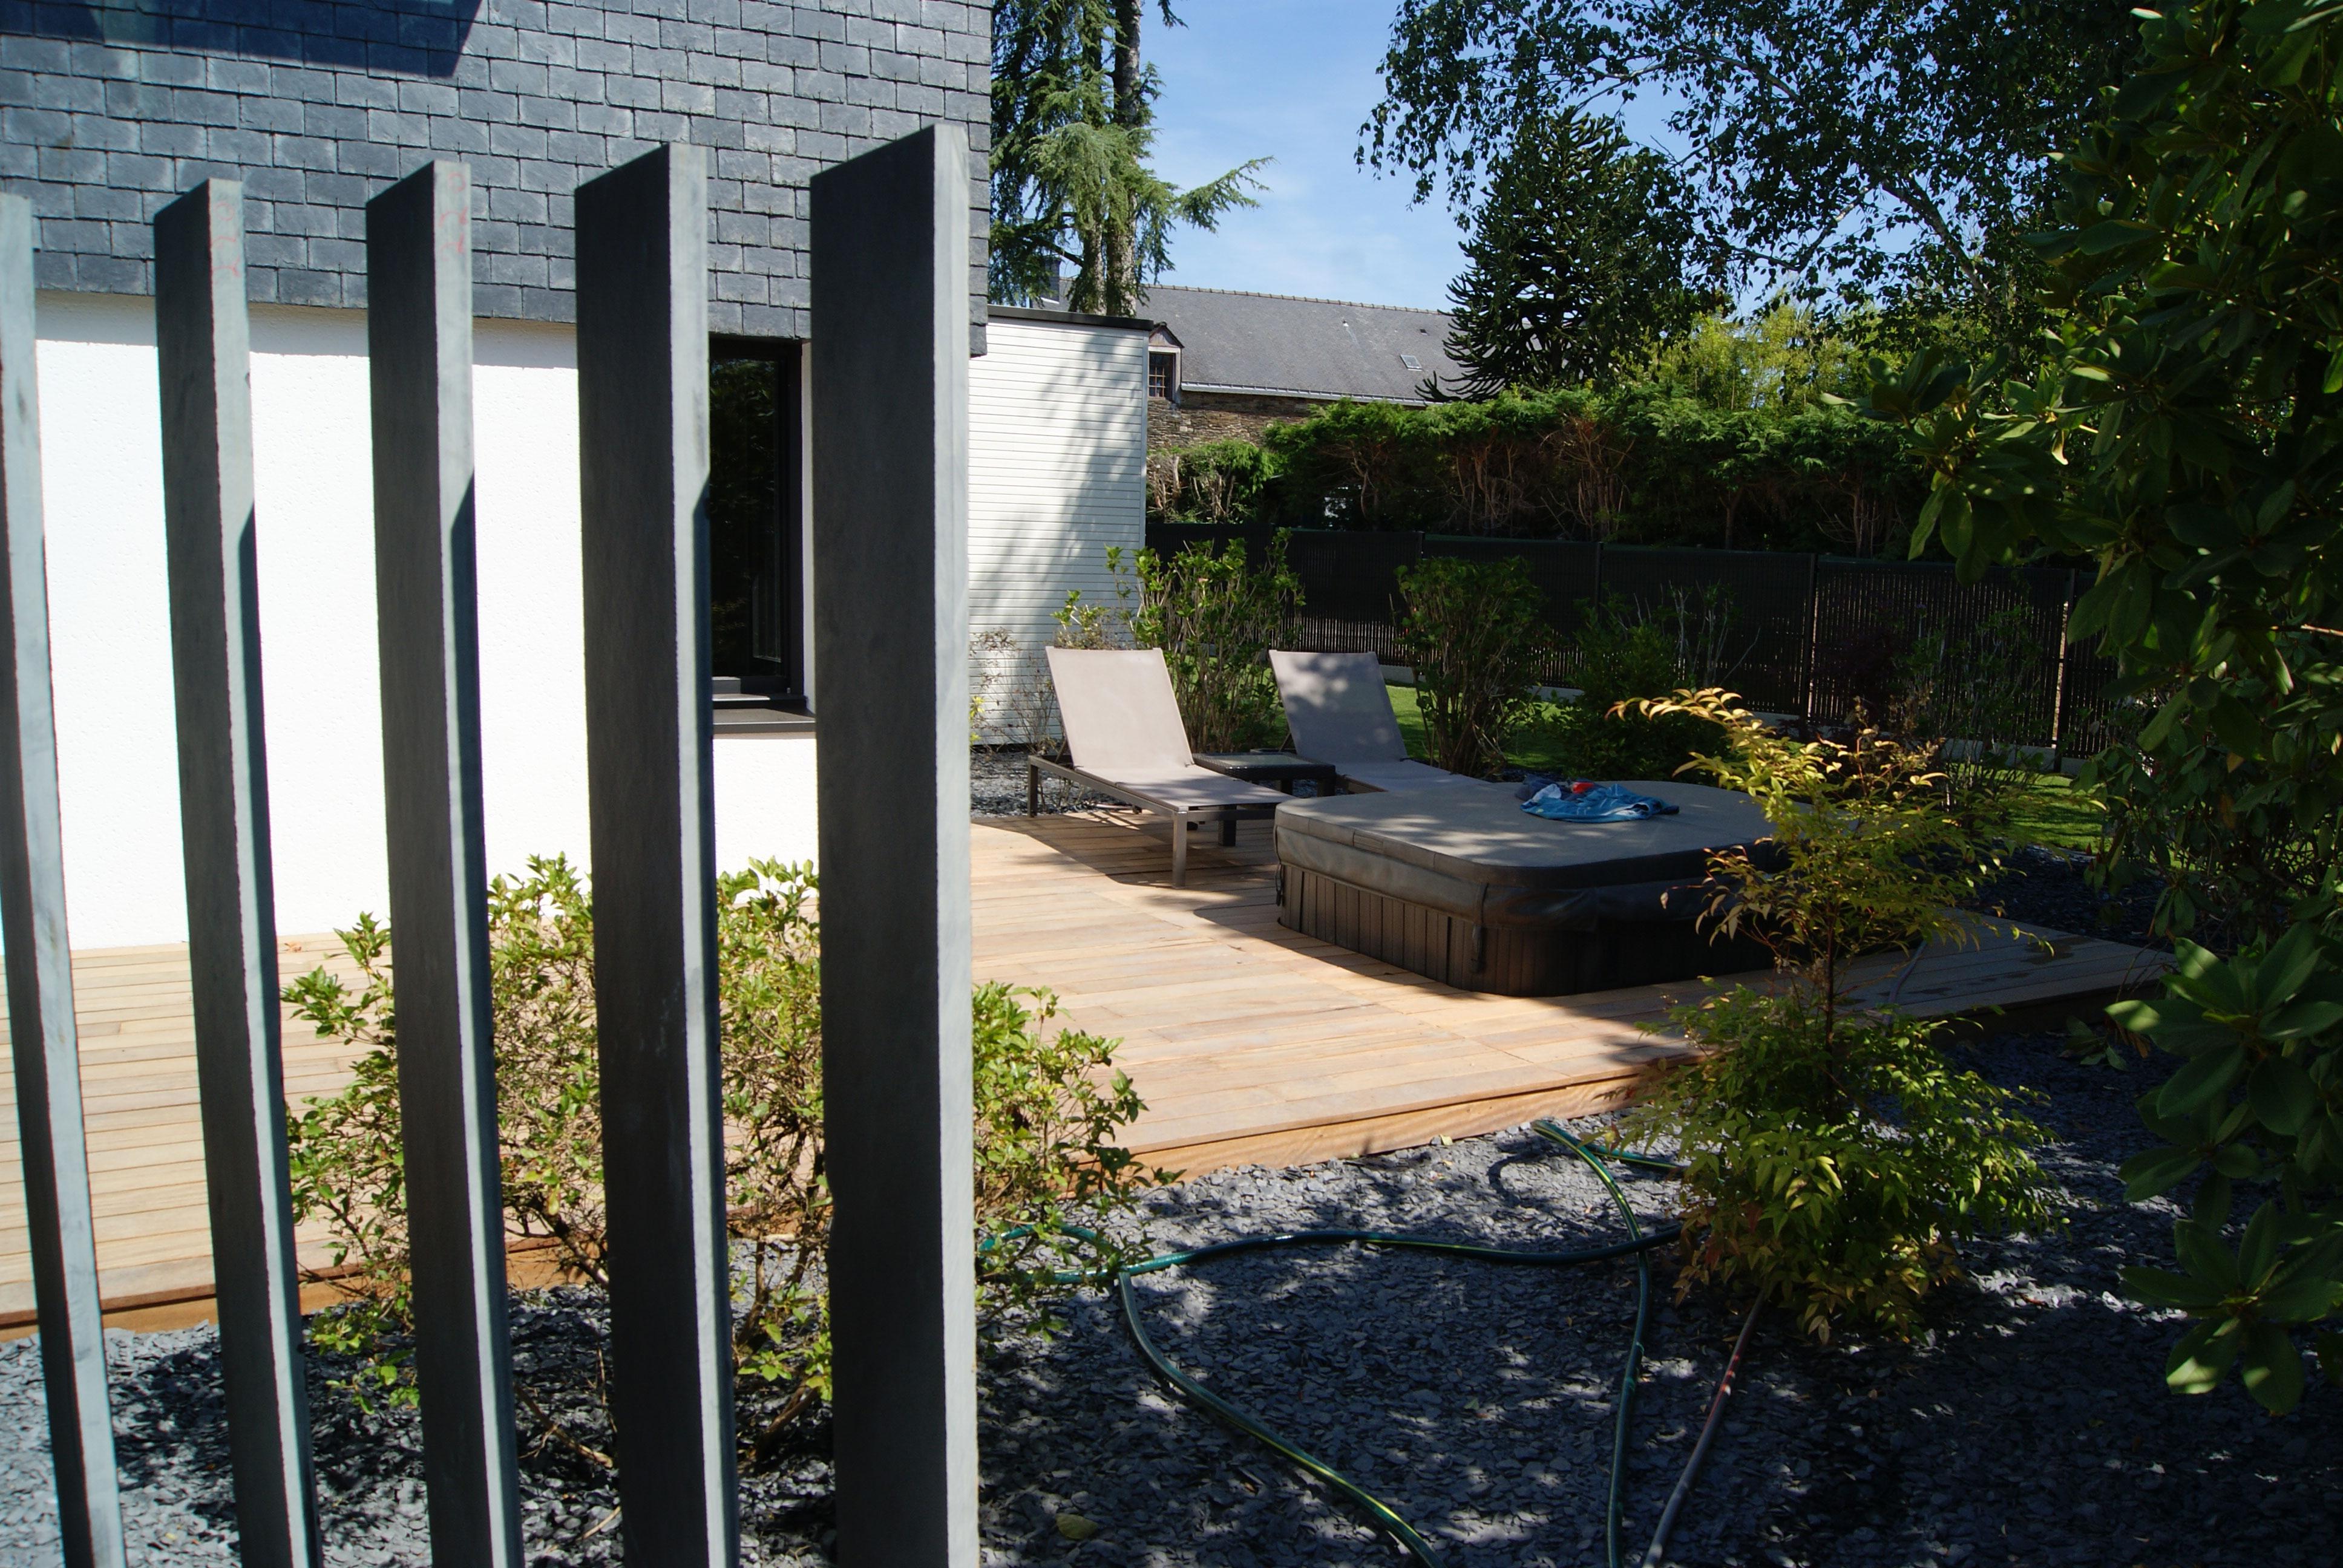 Brise-vue ardoise. Terrasse bois exotique. spa semi-encastré. Jardins des 4 Saisons. Guer, Ploërmel, Redon, Plélan-Le-Grand, Maure de Bretagne